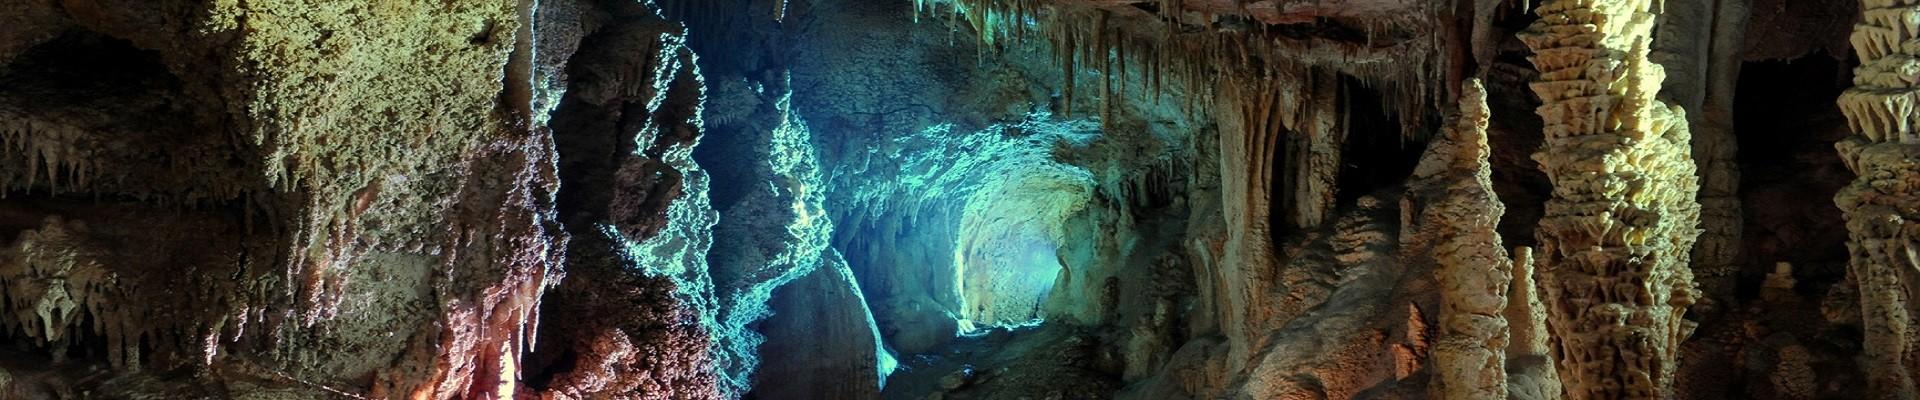 grotte-lac-01-site-55